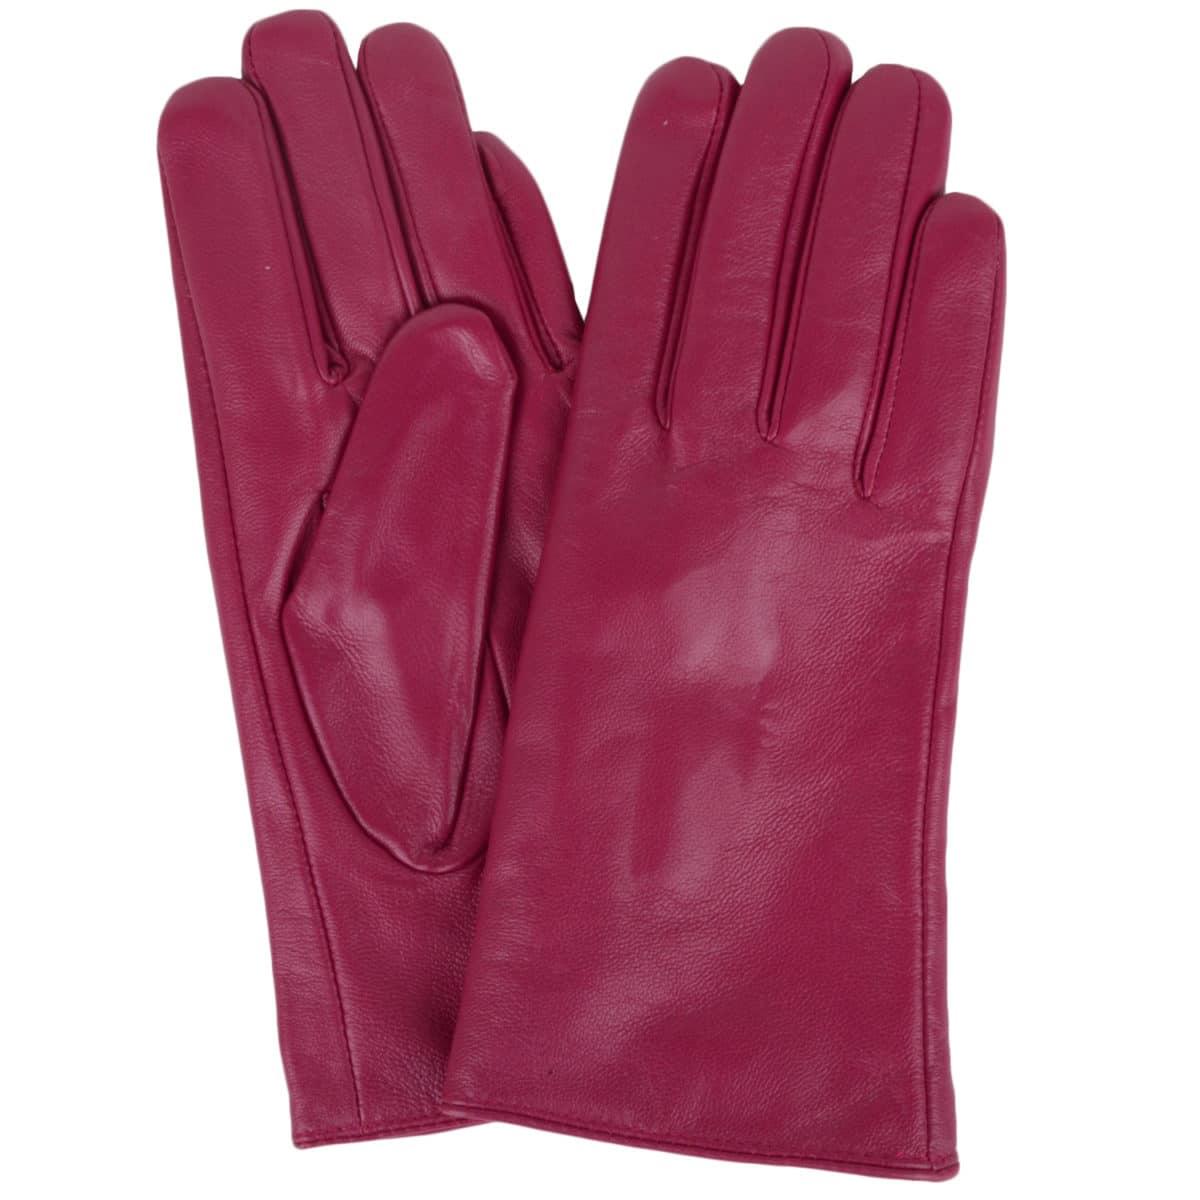 Tamara - Leather Gloves - Pink